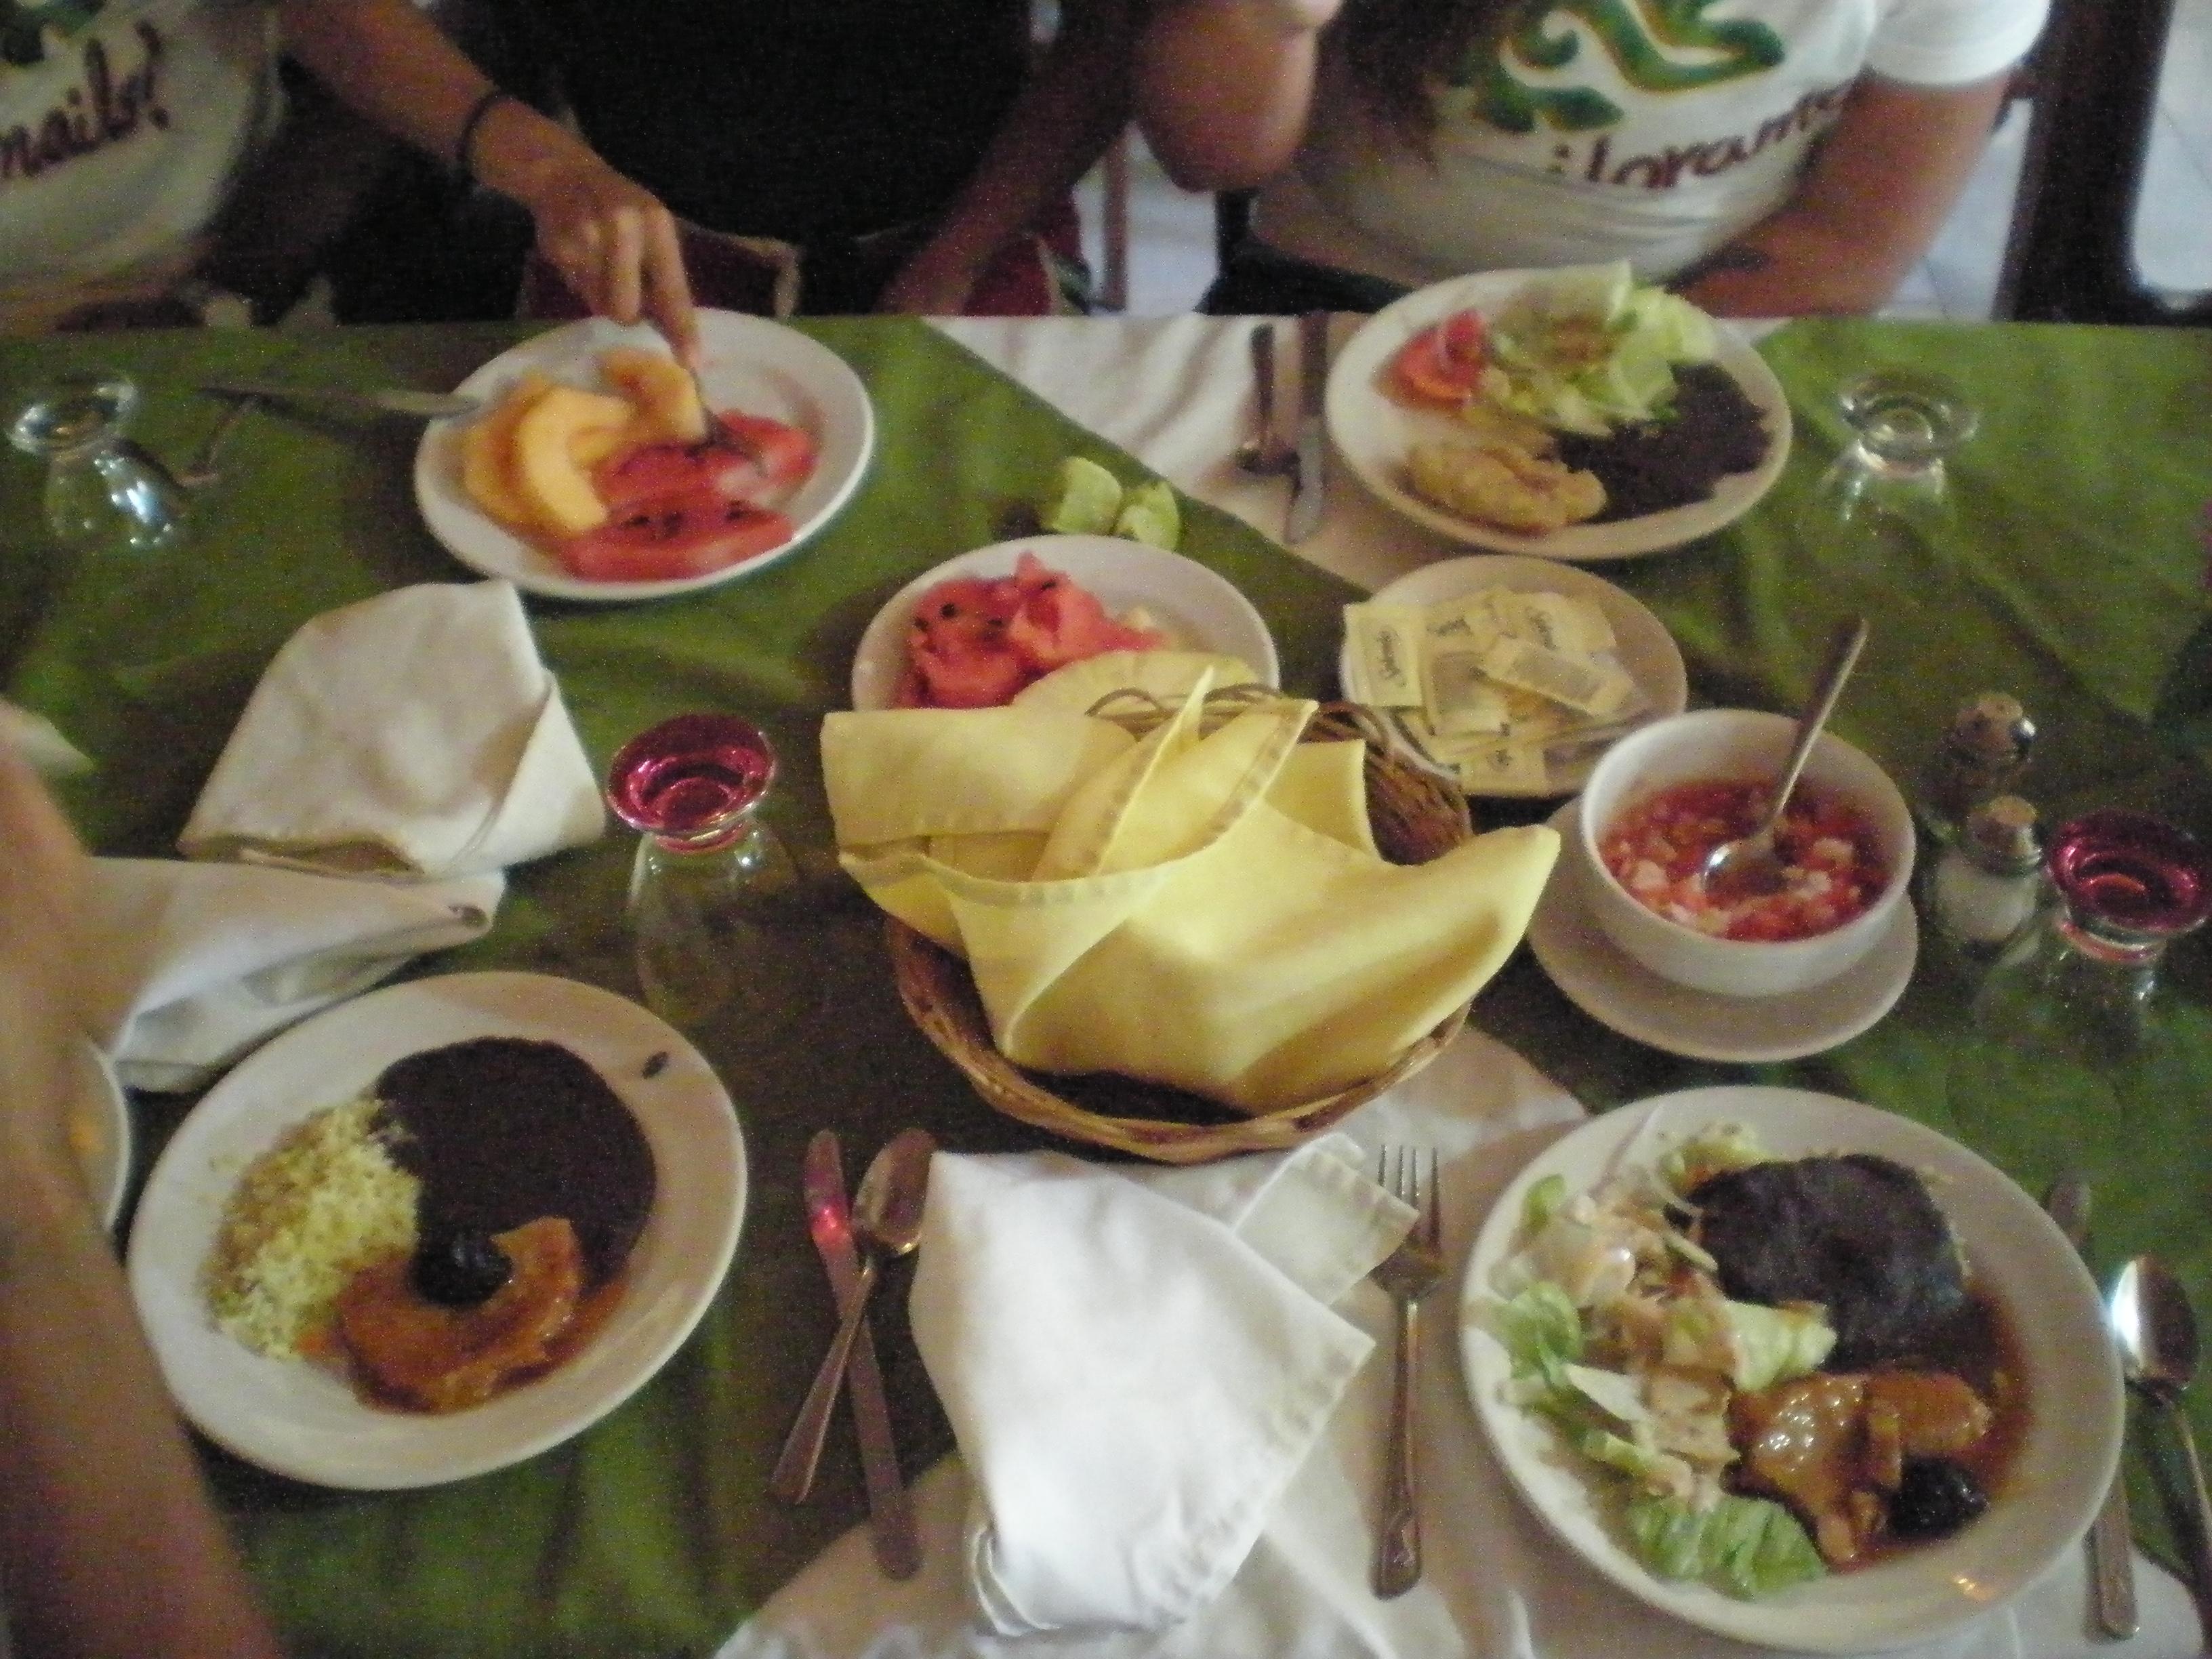 Ik Kil Cenote Buffet